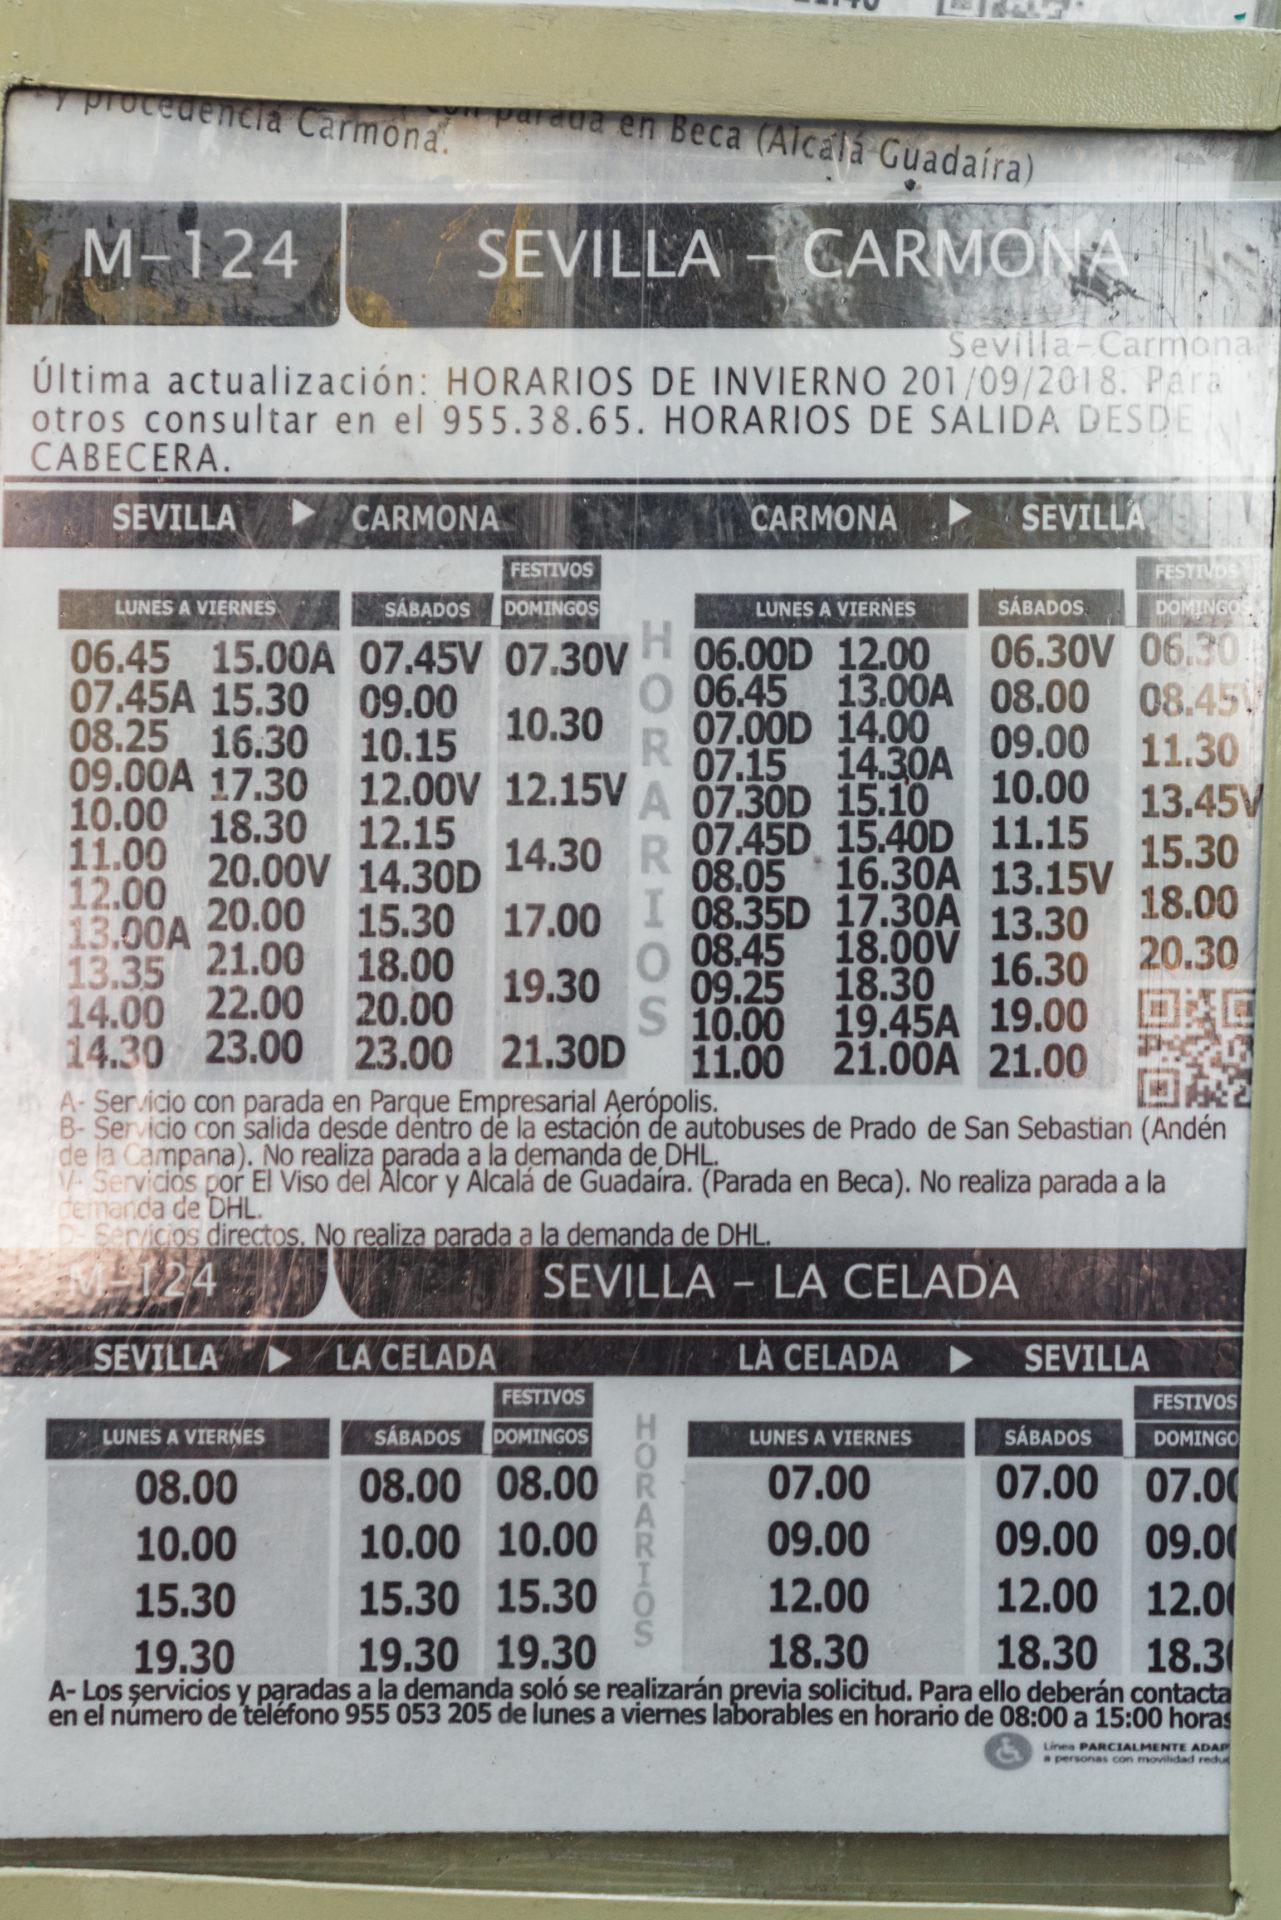 セビージャからカルモナ行きのバス時刻表